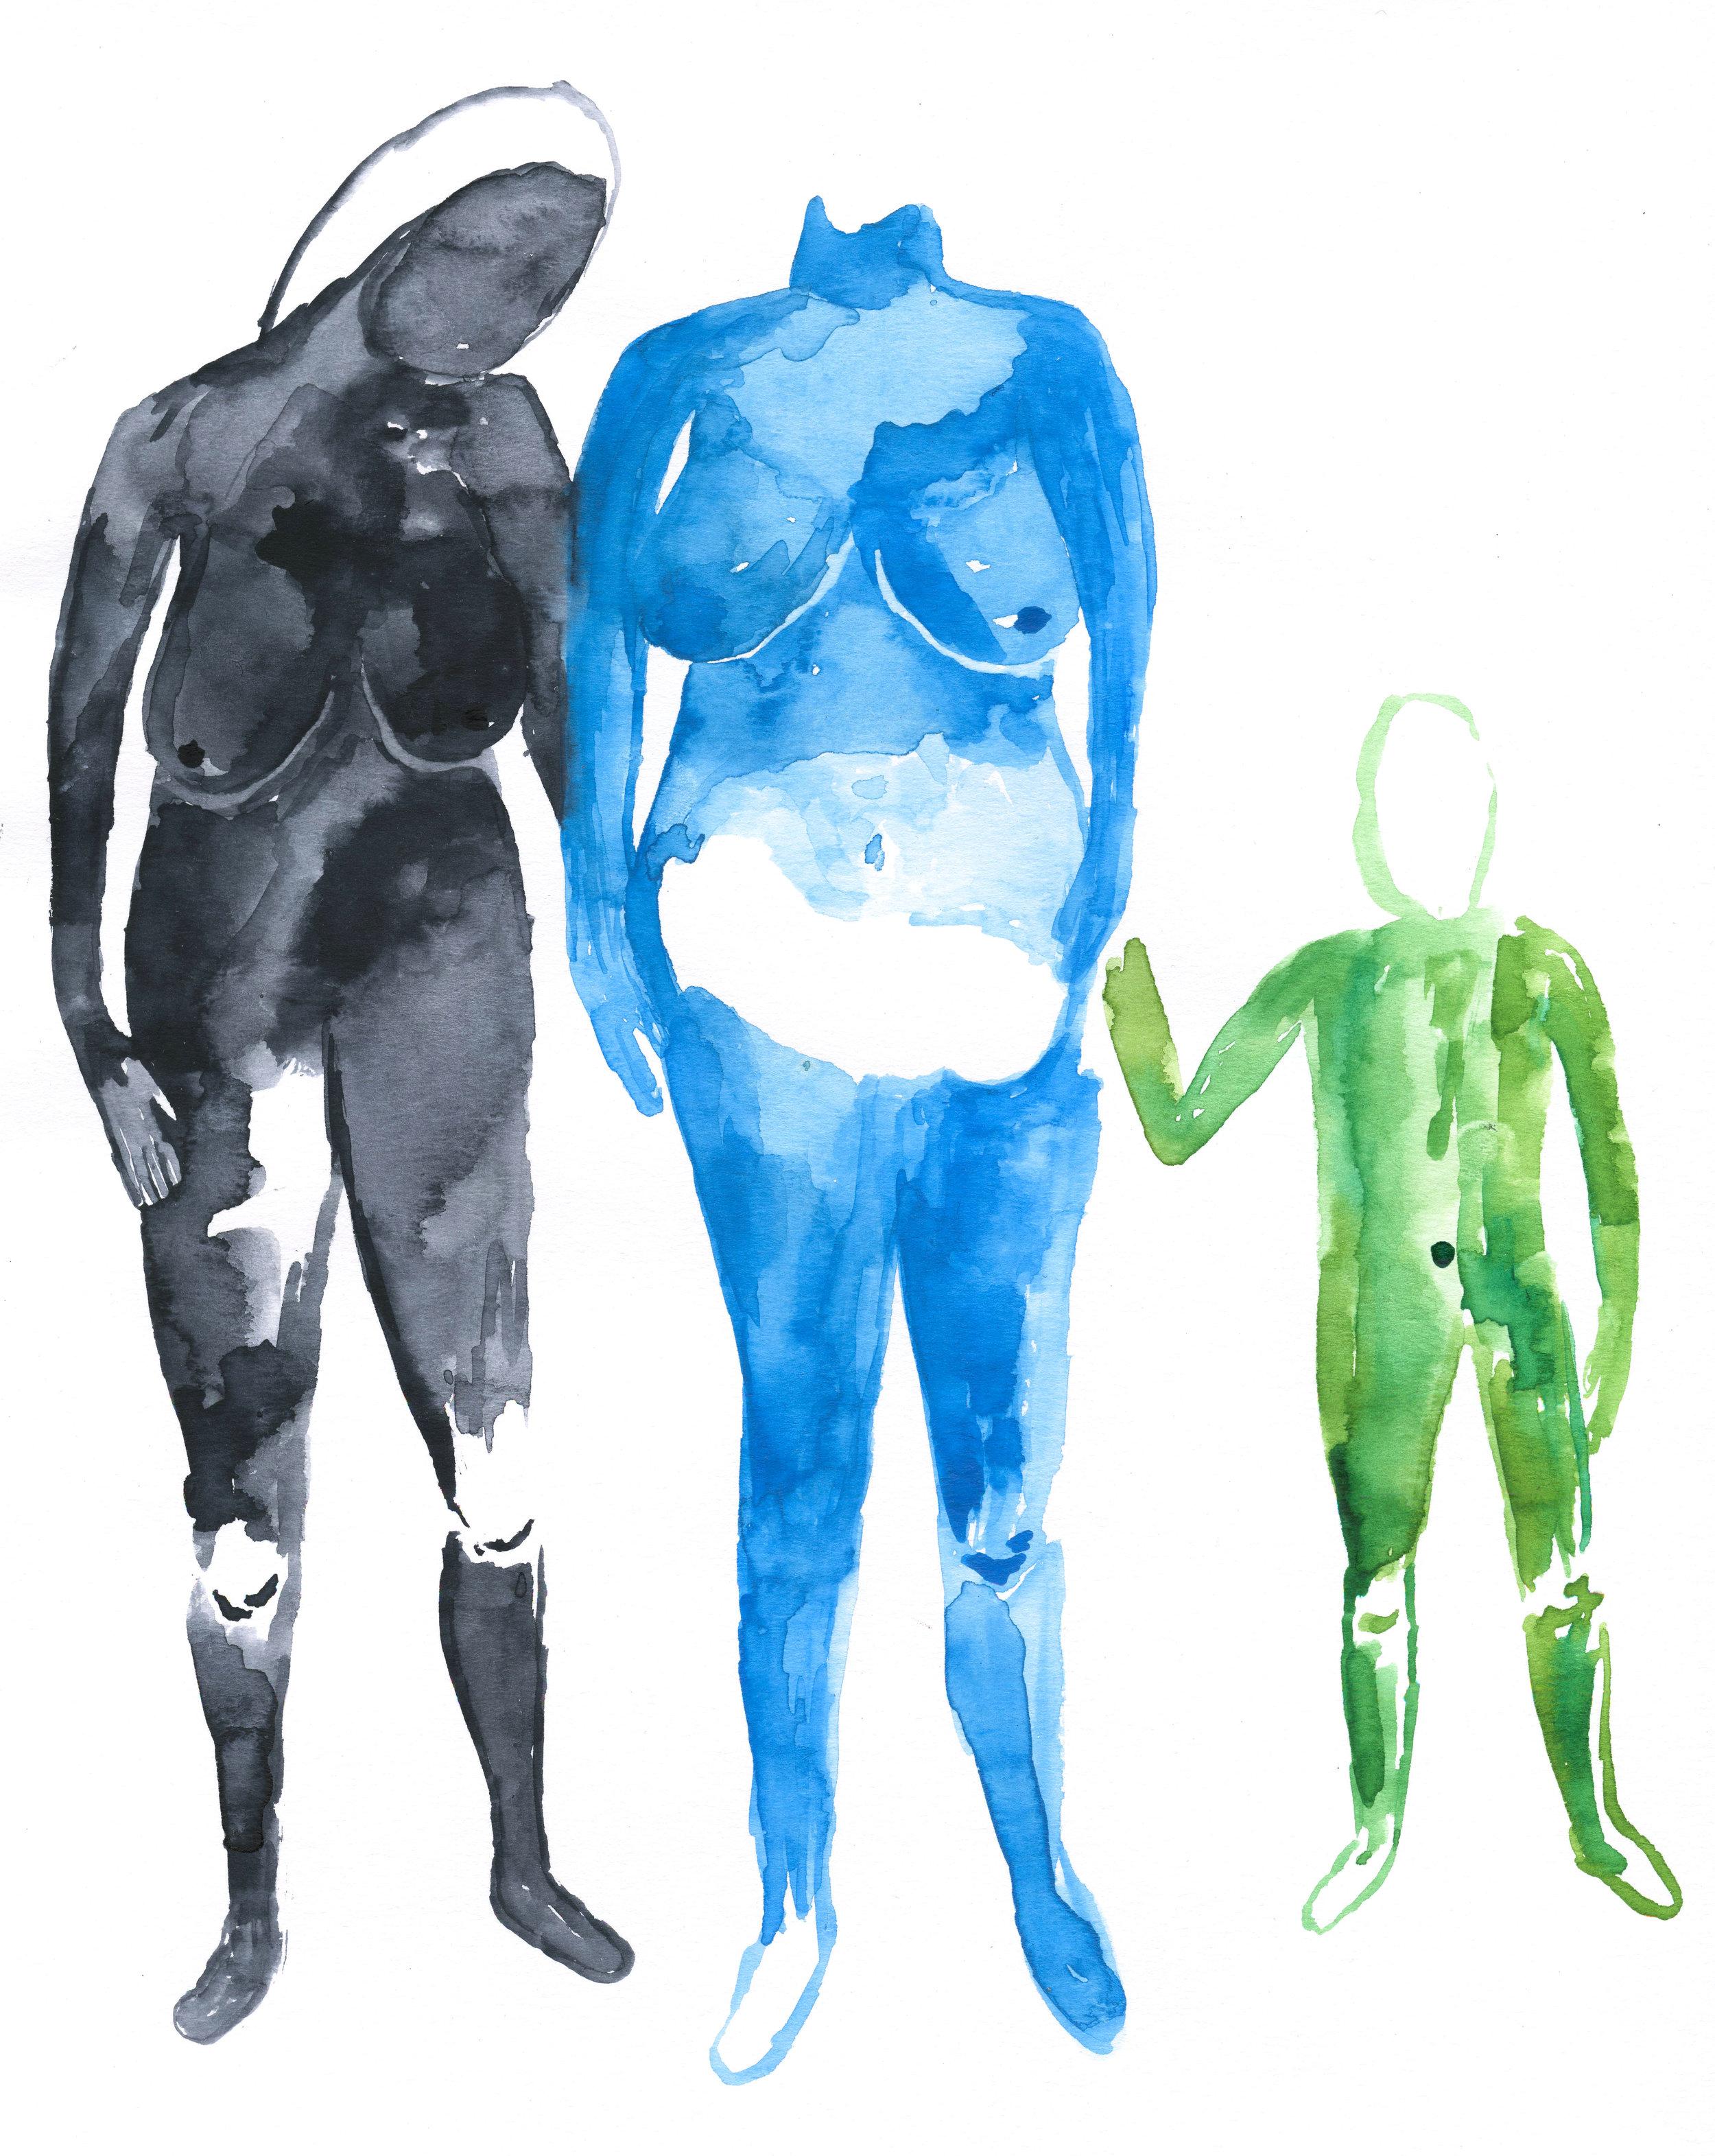 watercolorbodies.jpg